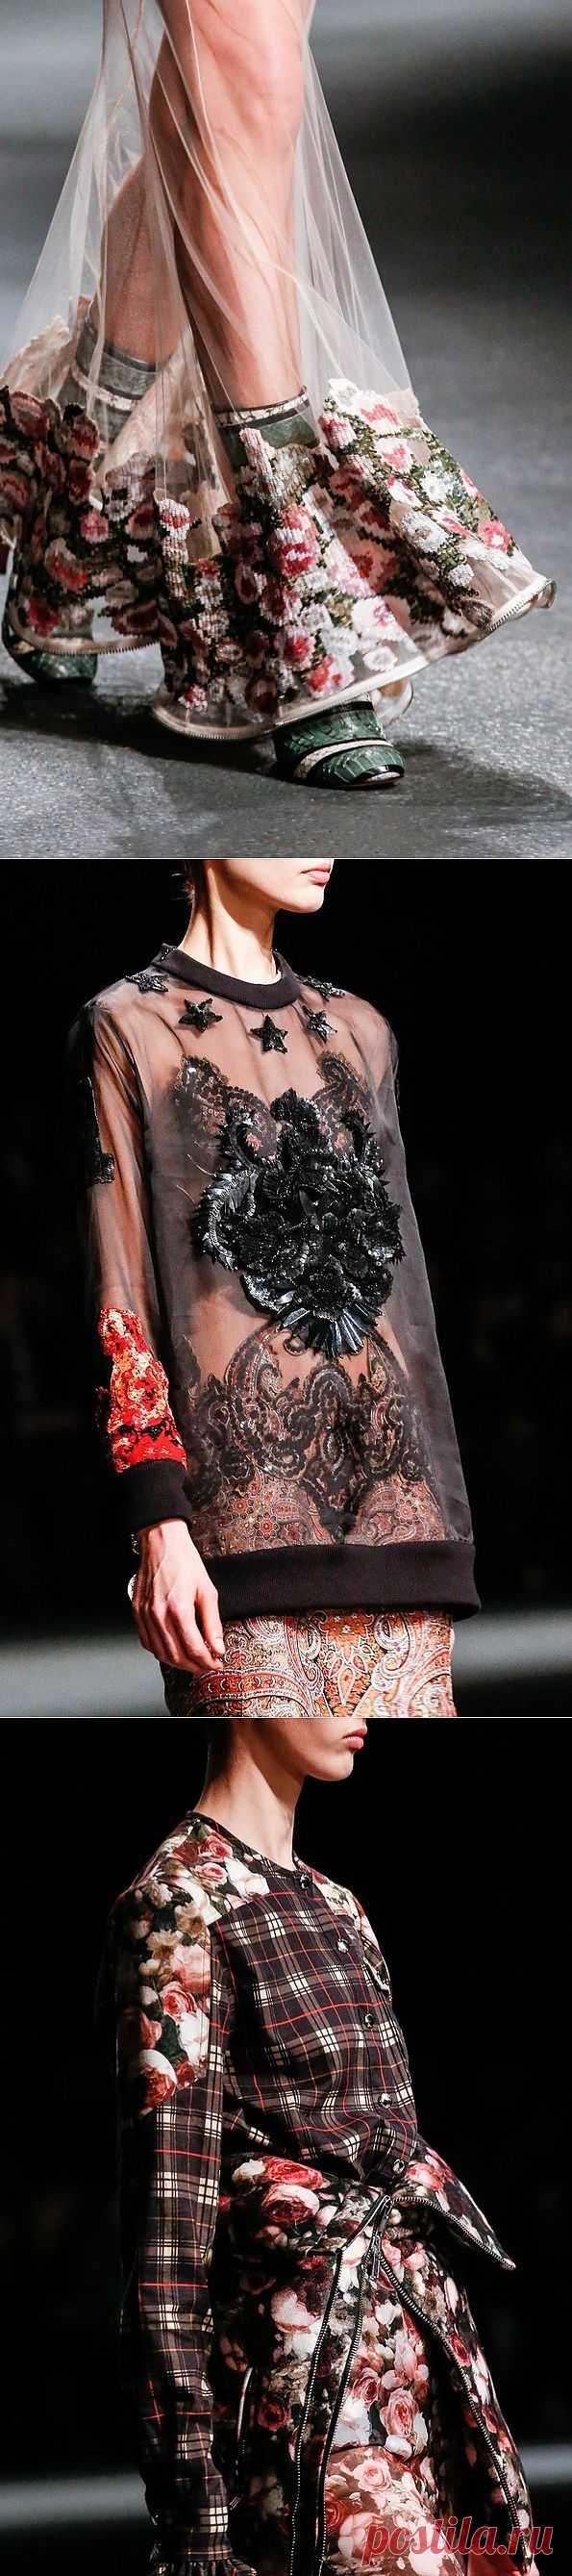 Givenchy fall 2013 - детали с показа / Детали / Модный сайт о стильной переделке одежды и интерьера